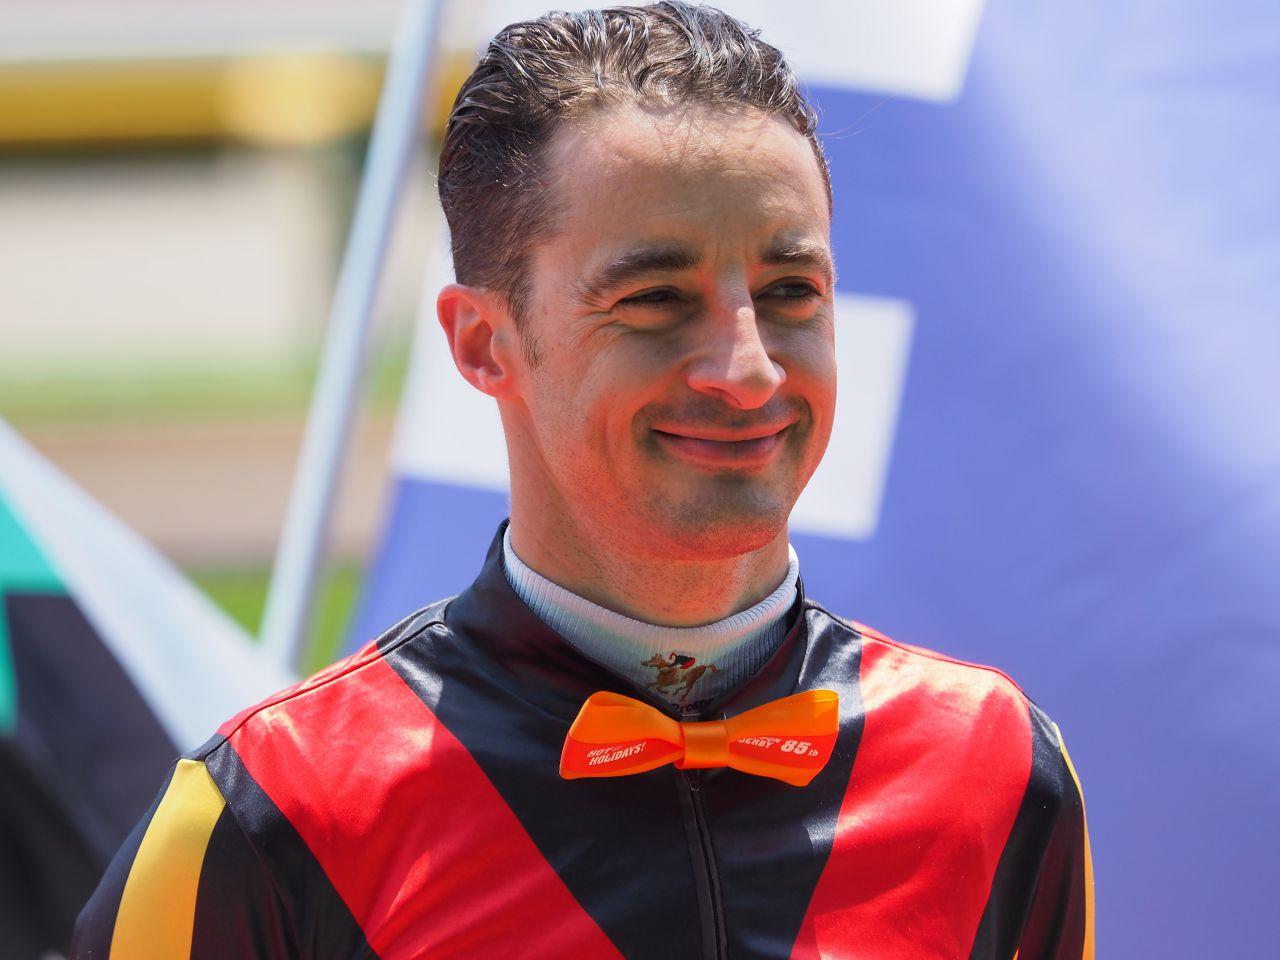 佐々木竹見カップ ジョッキーズグランプリ(川崎競馬)へのJRA出場騎手が決定